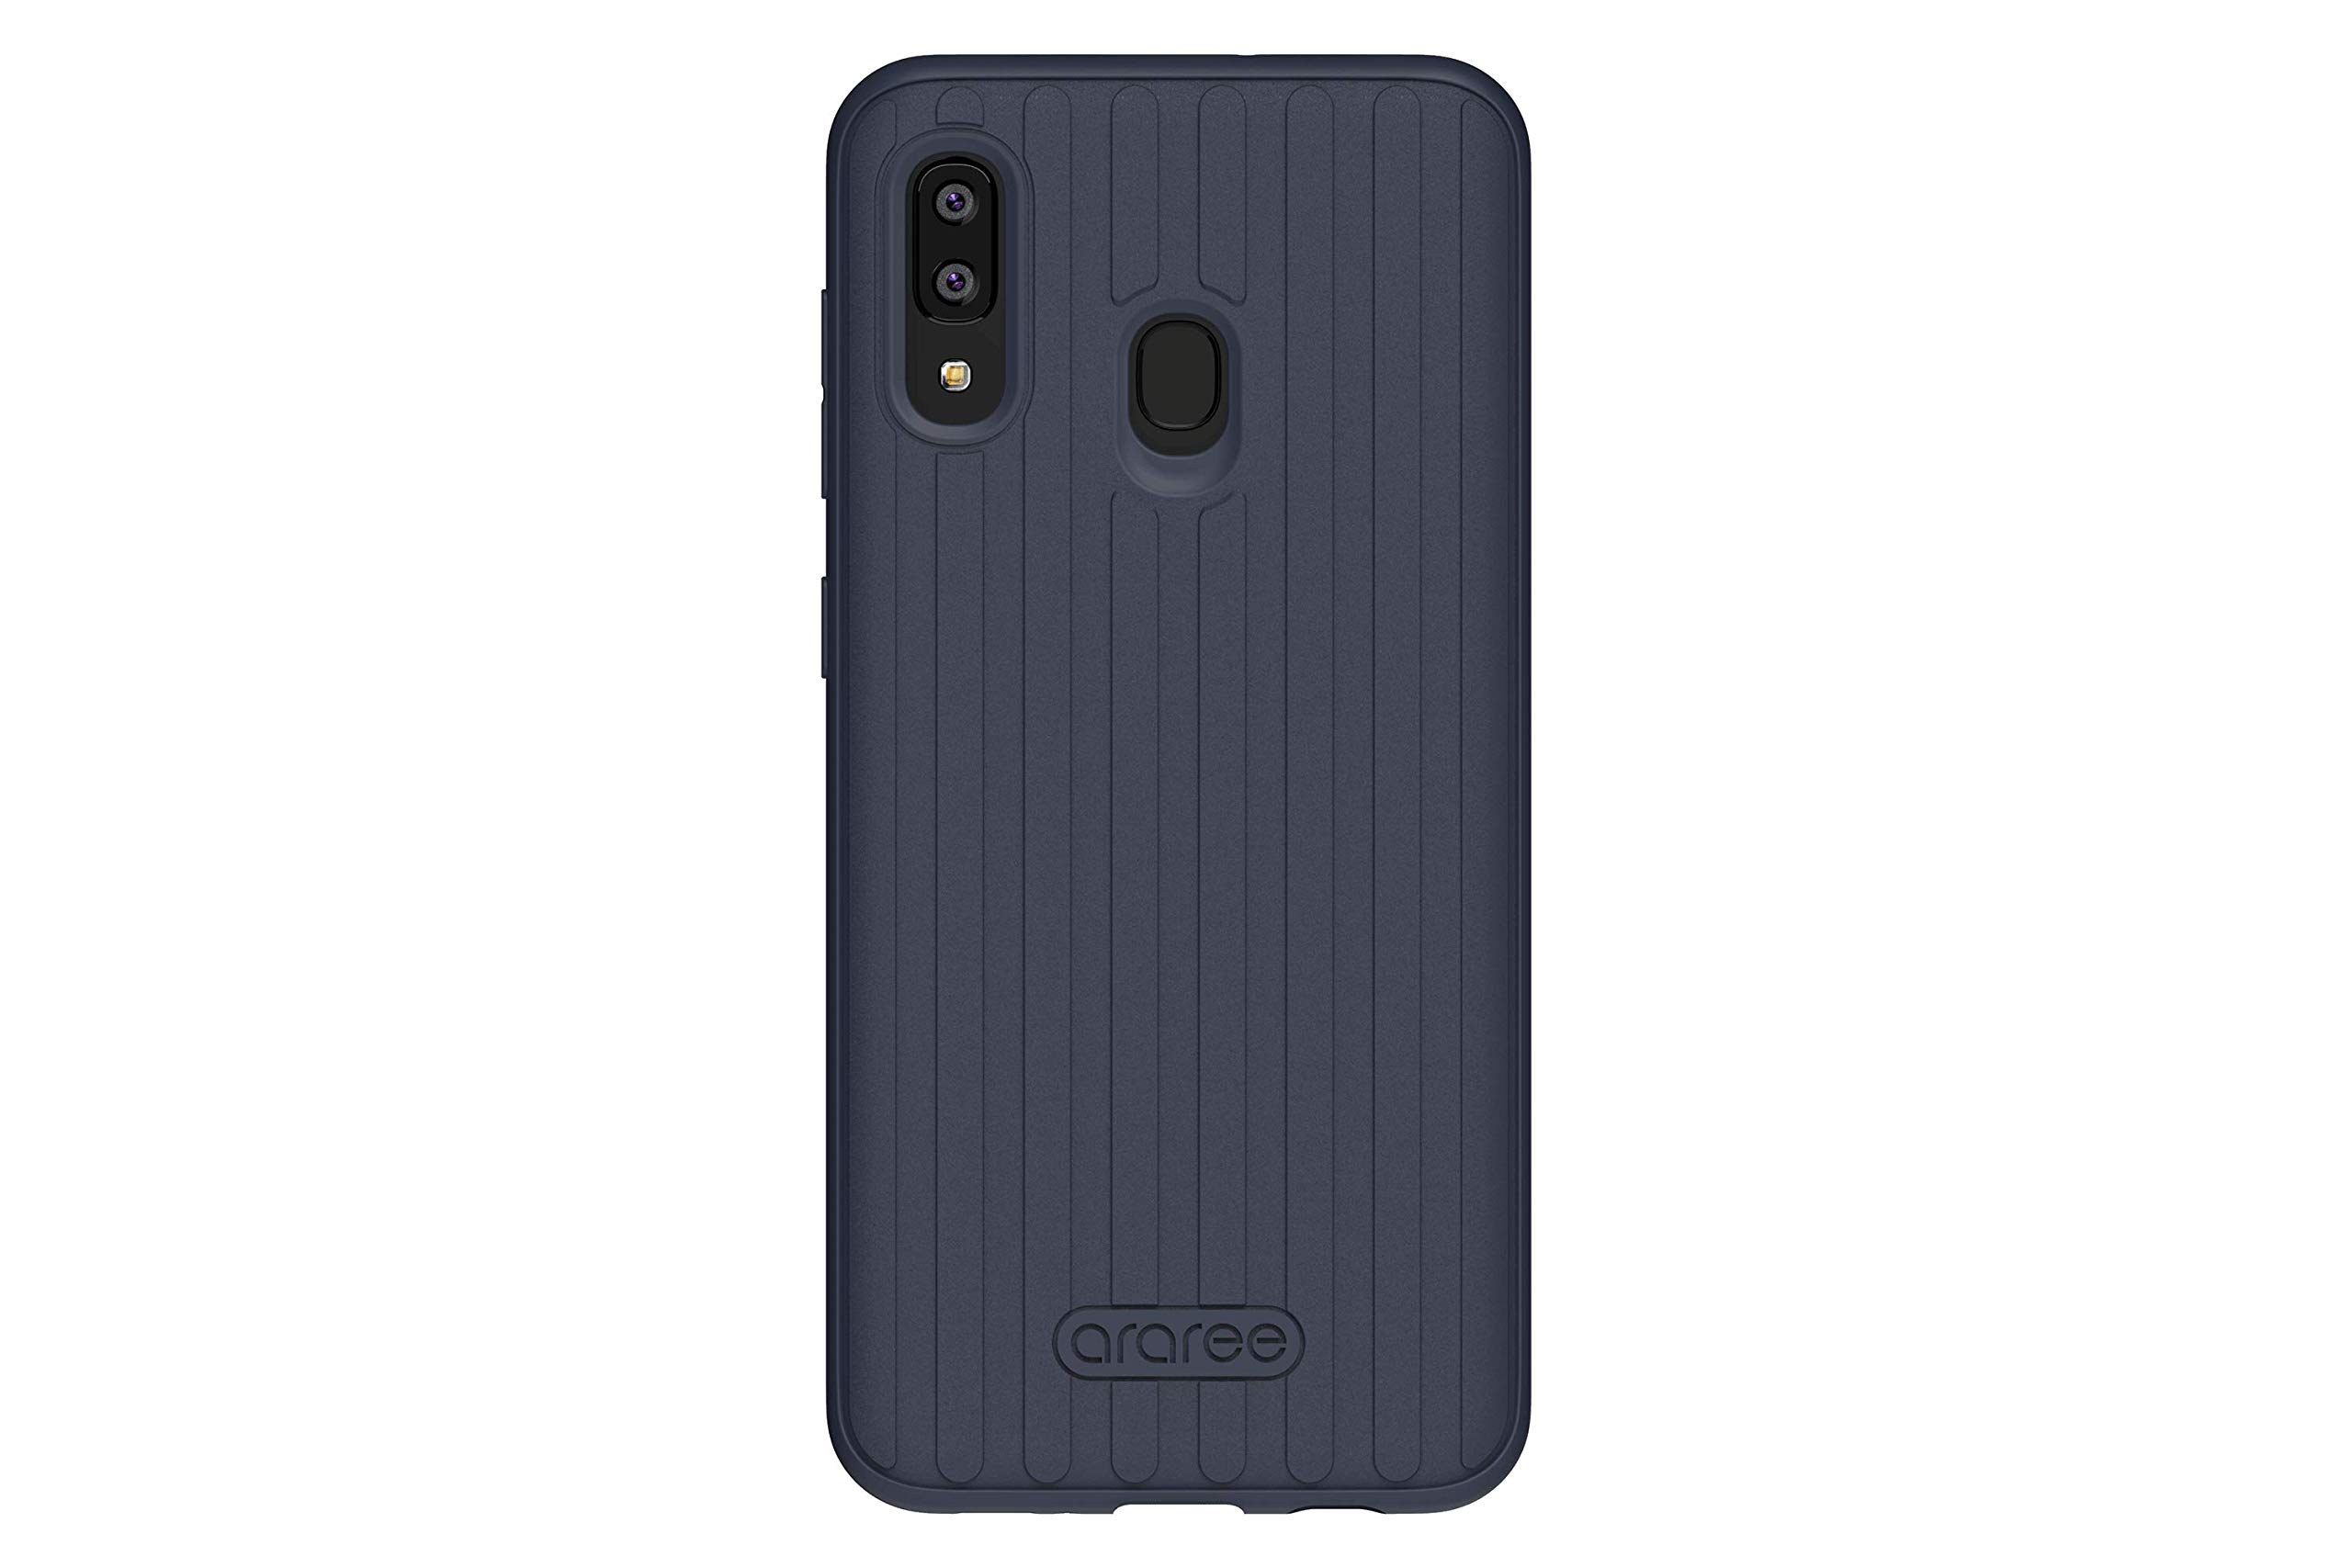 Funda para Samsung Galaxy A20 / A30 ARAREE [7Q3626GH]